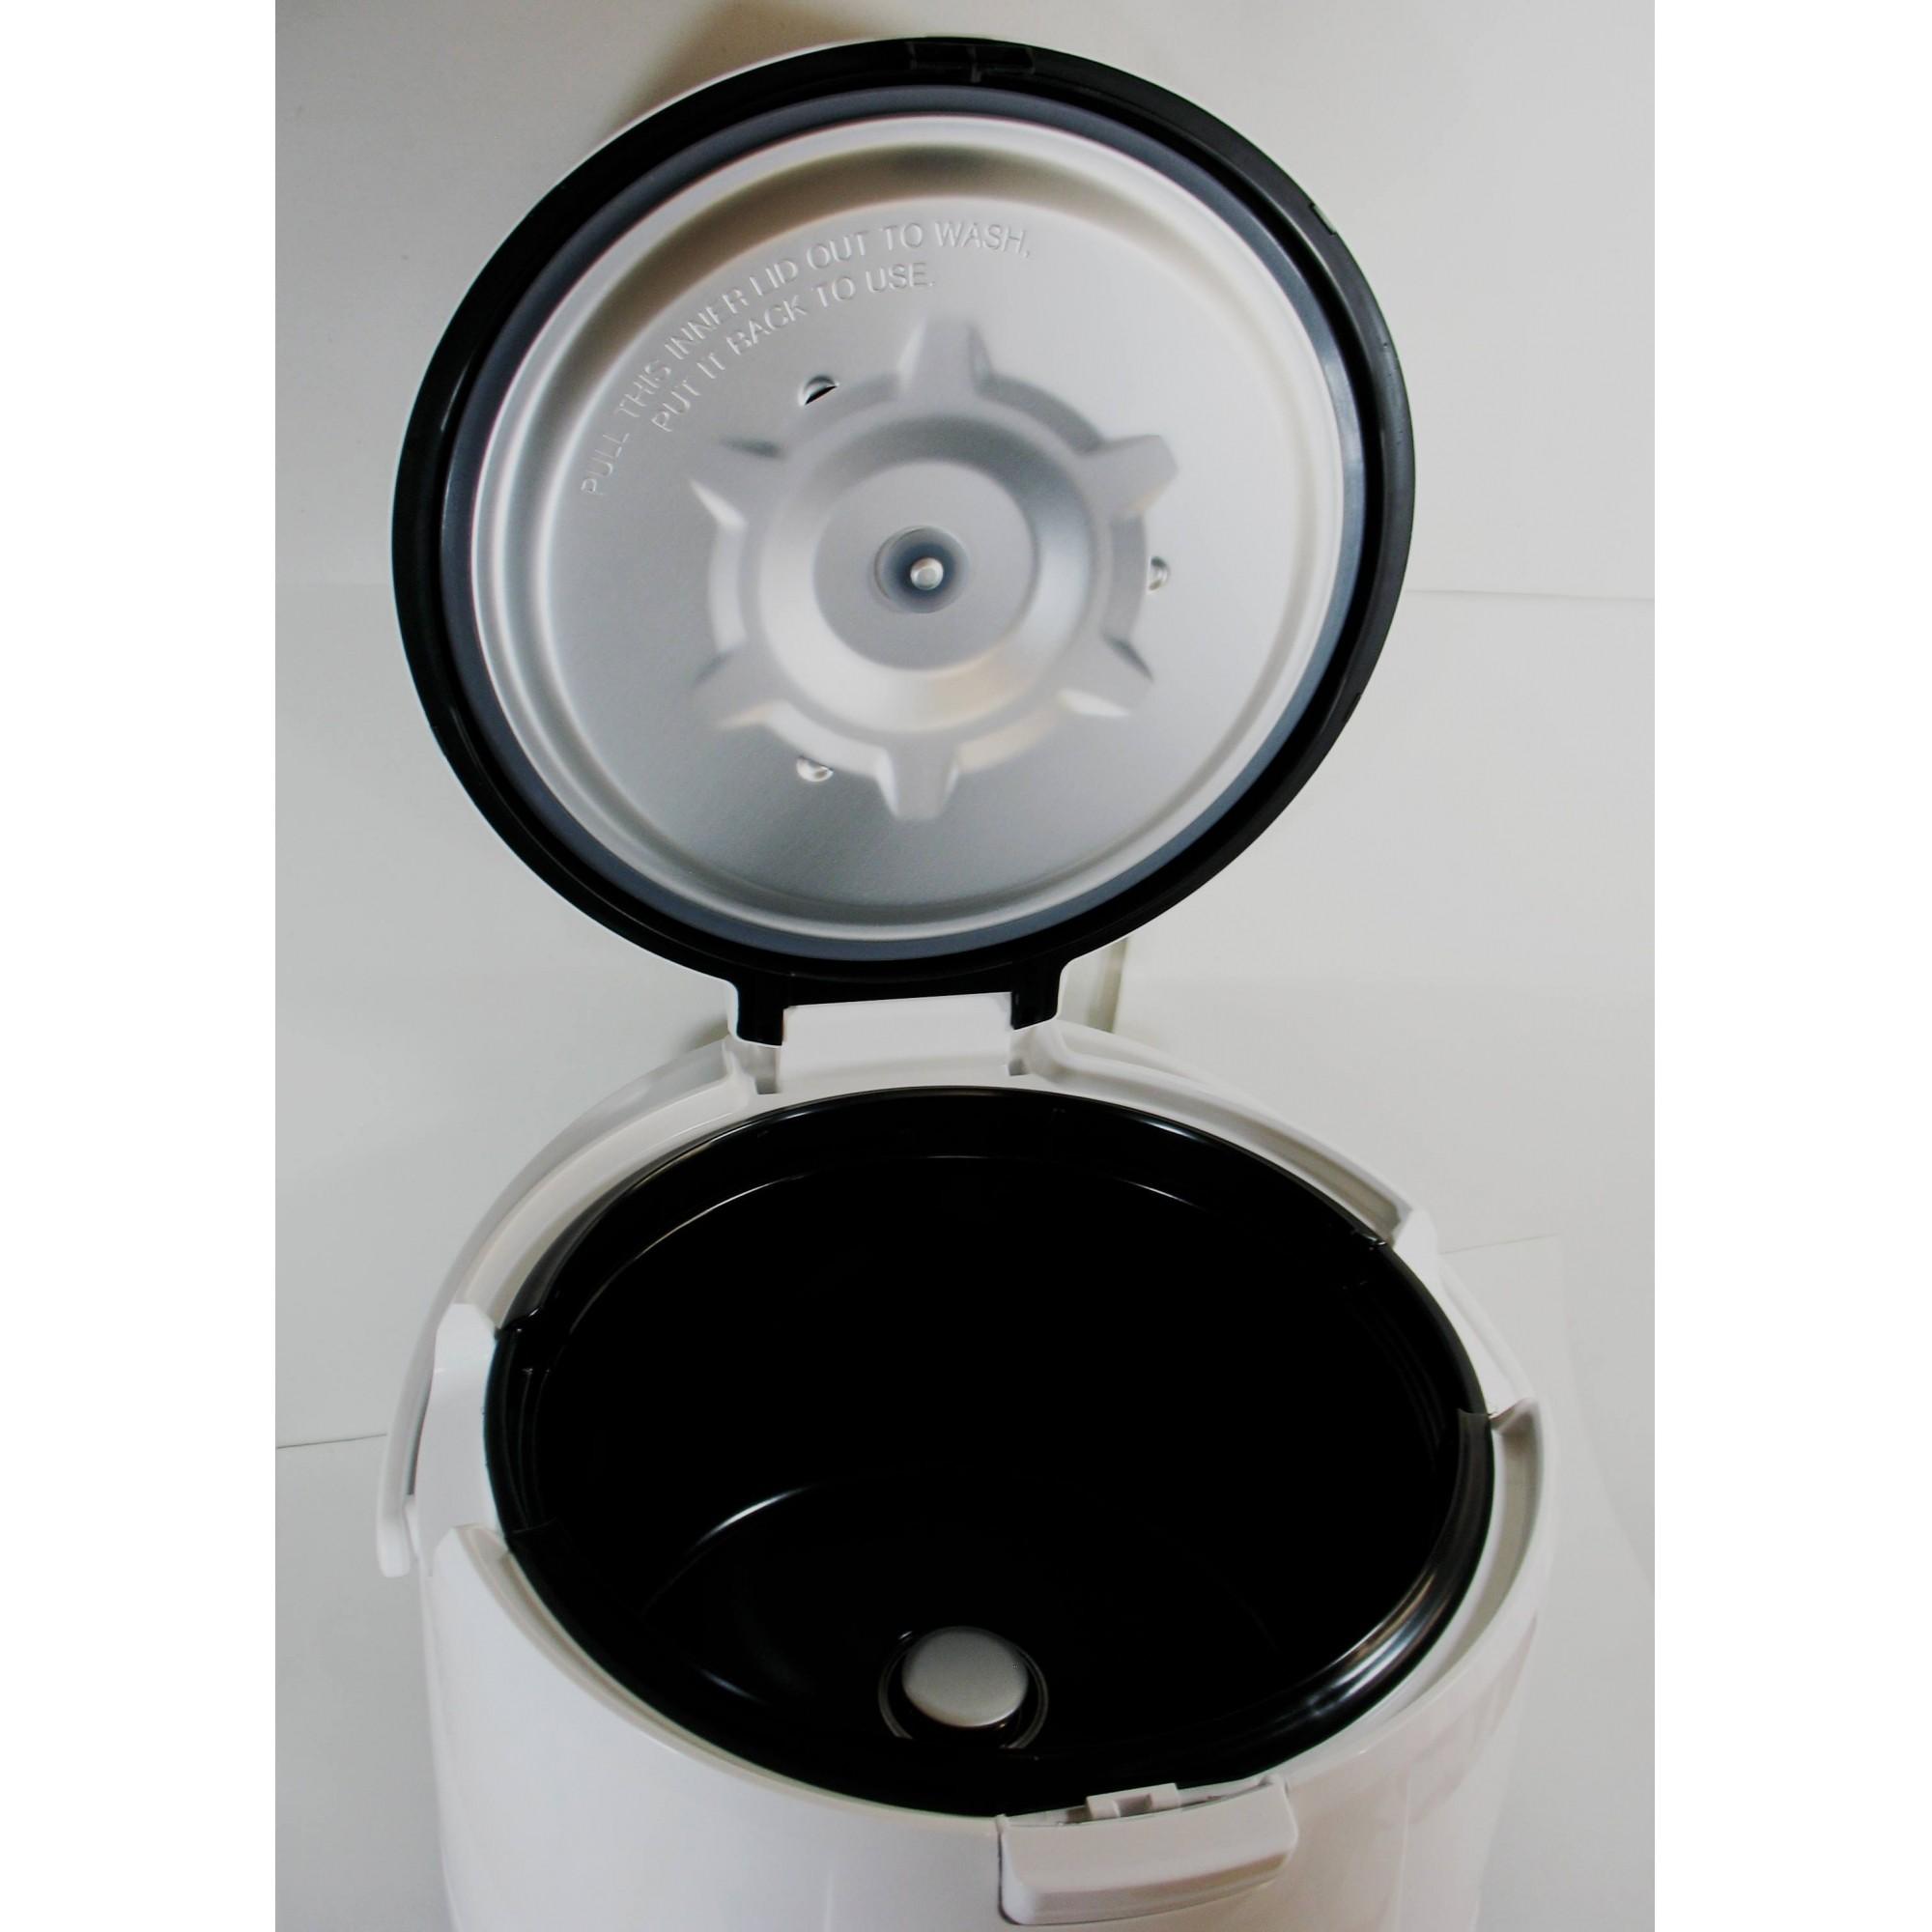 Panela Elétrica de Arroz Cuckoo 10 copos 127v - Pronta Entrega!